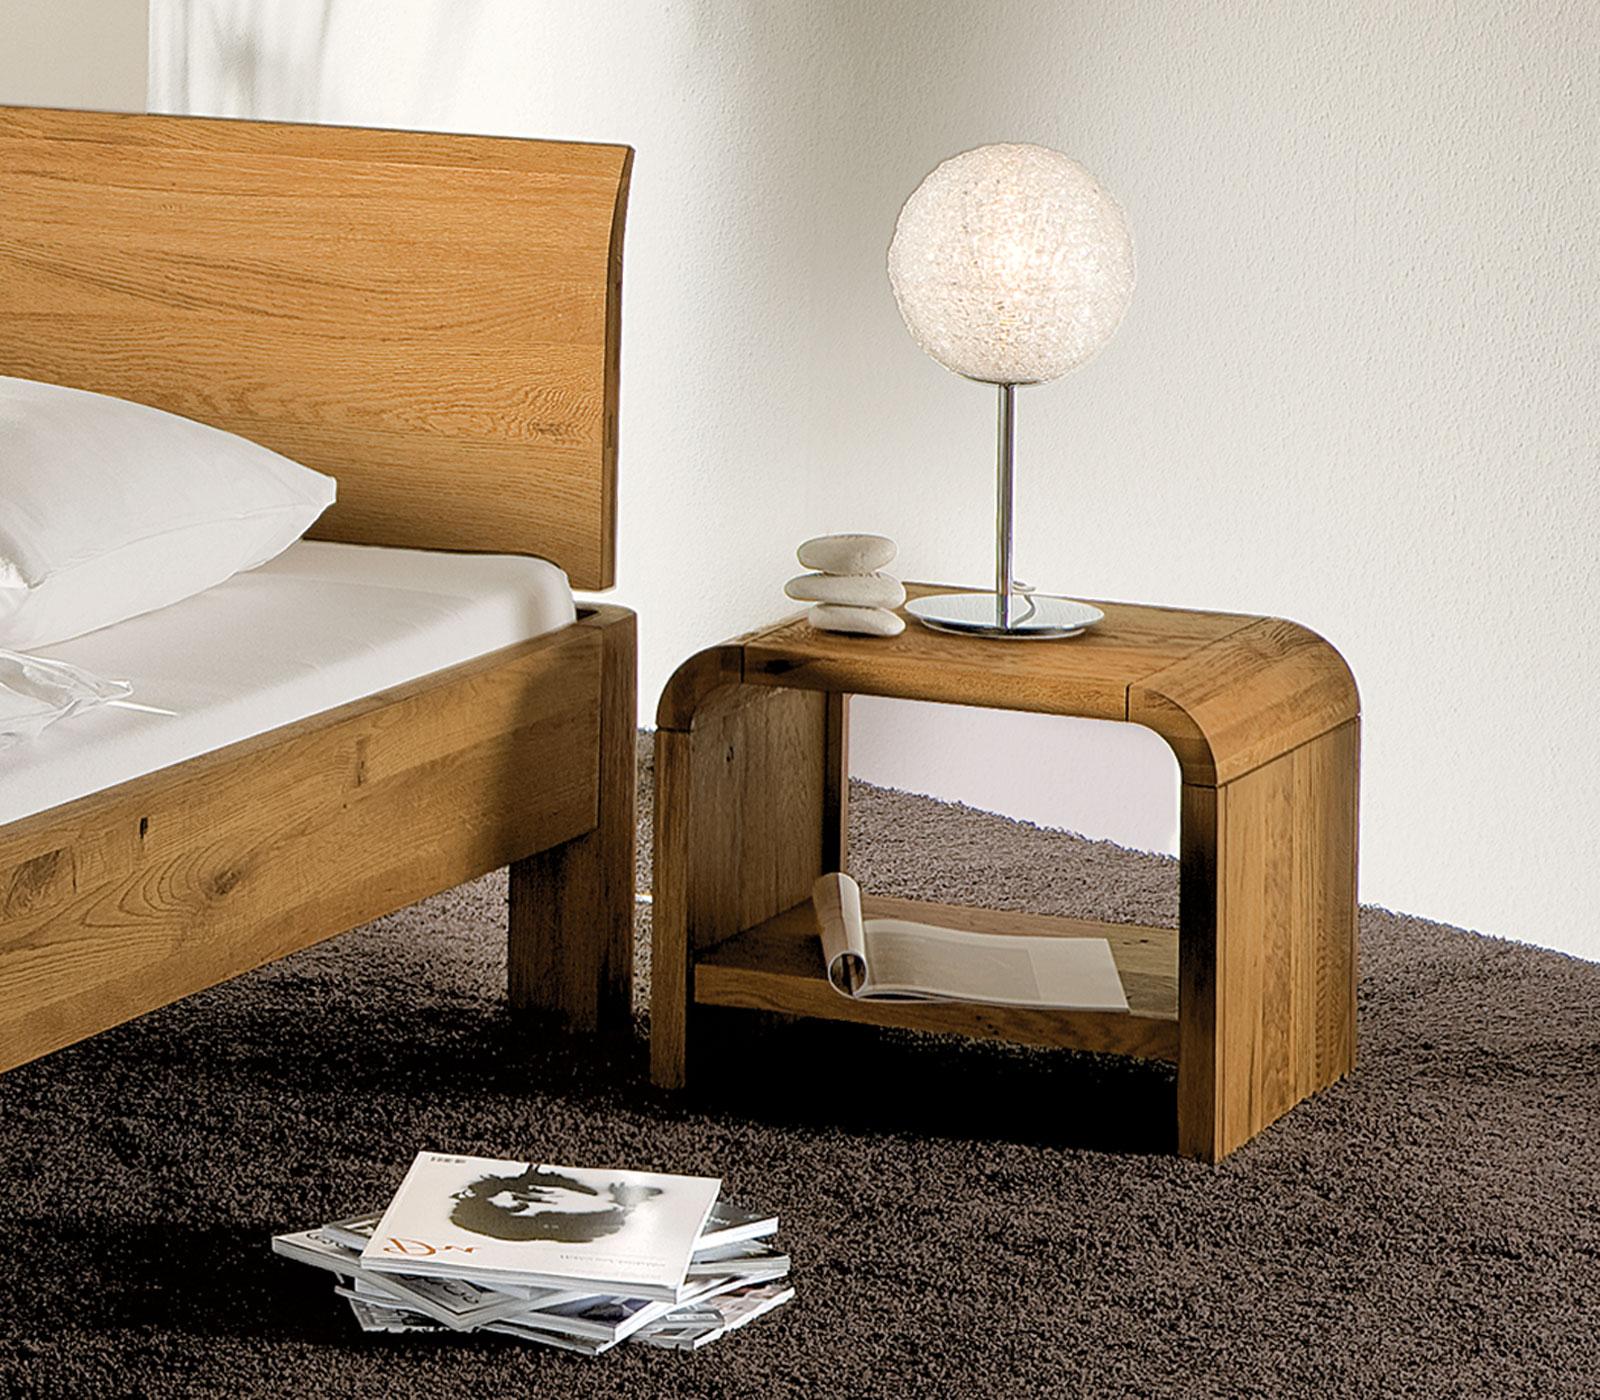 nachttisch mit abgerundeten ecken massiv - santa clara, Schlafzimmer design